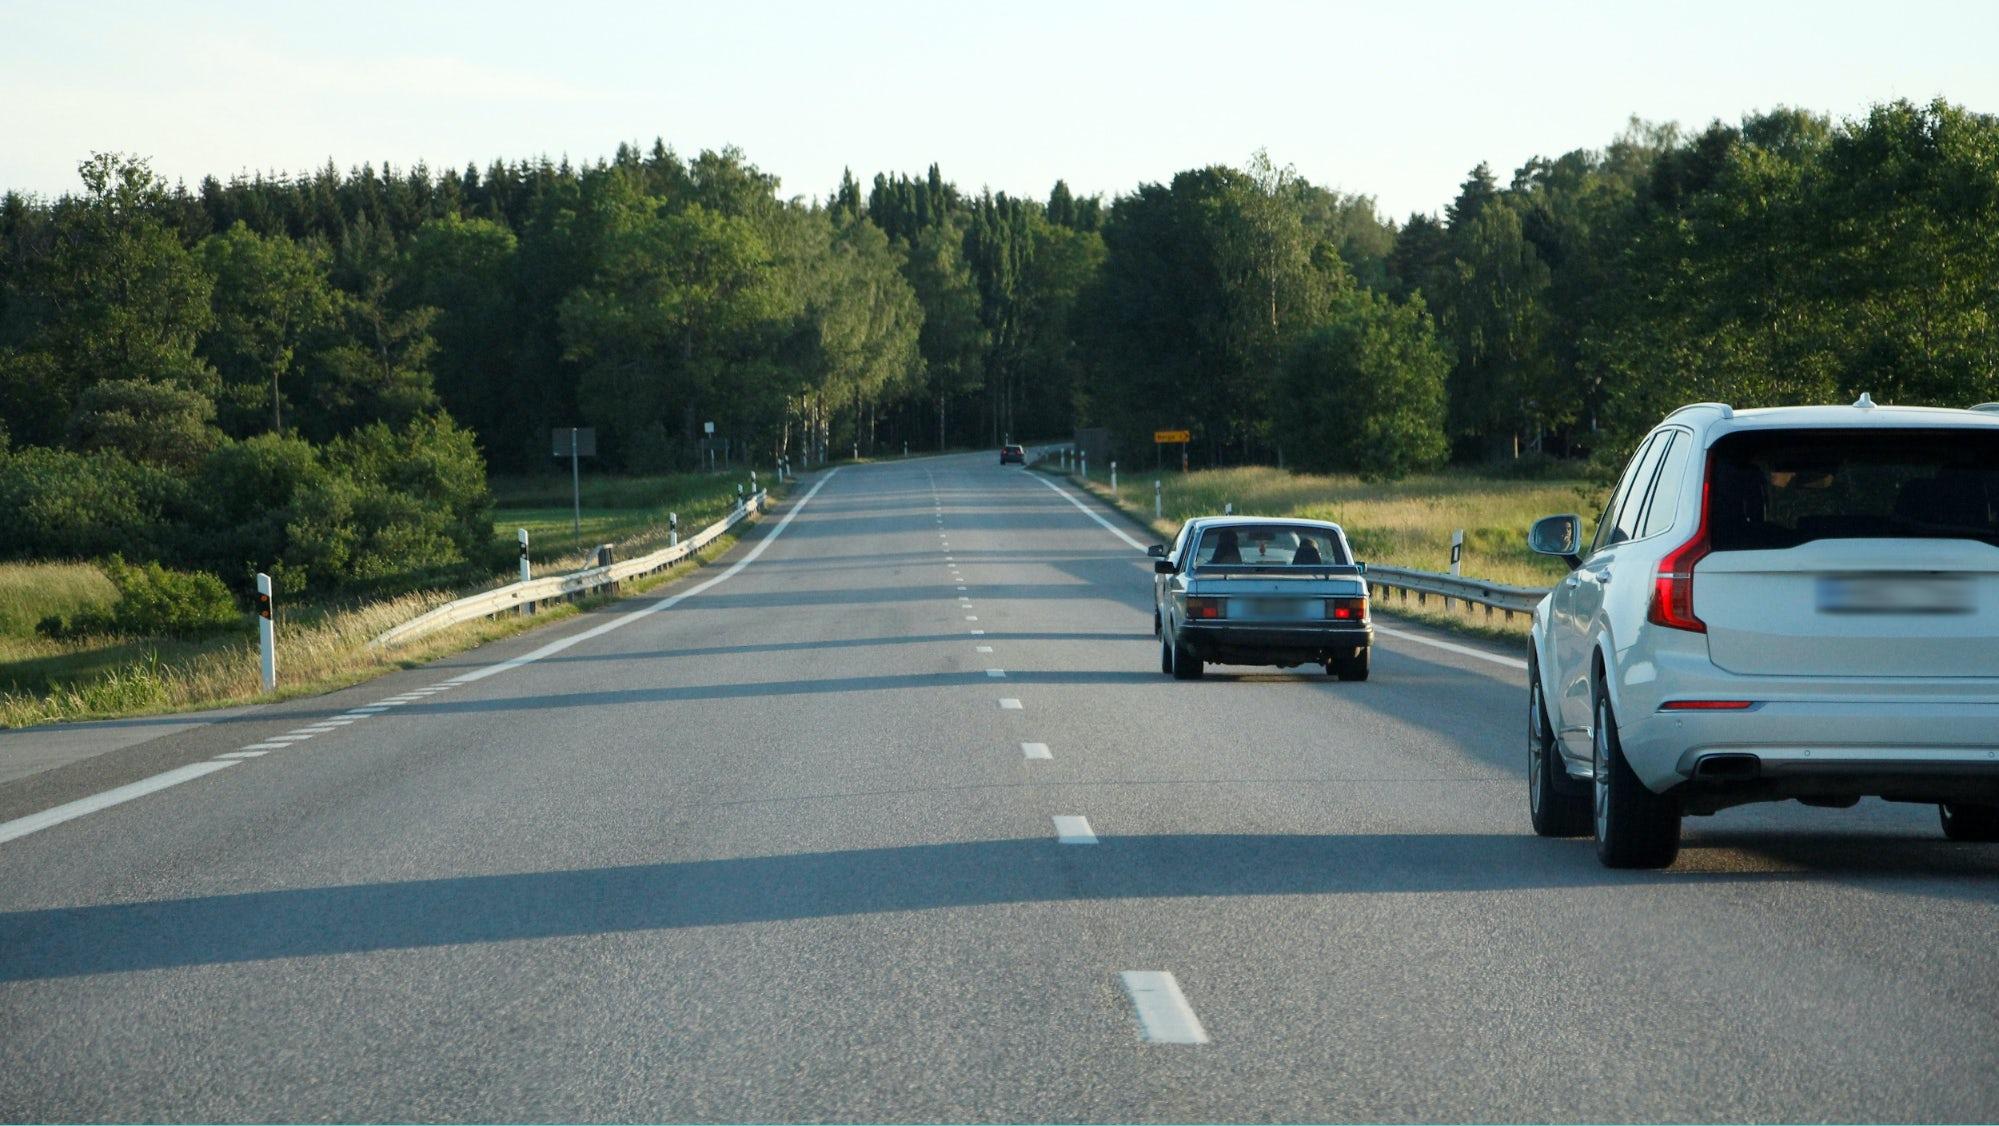 En omkörning på en landsväg.